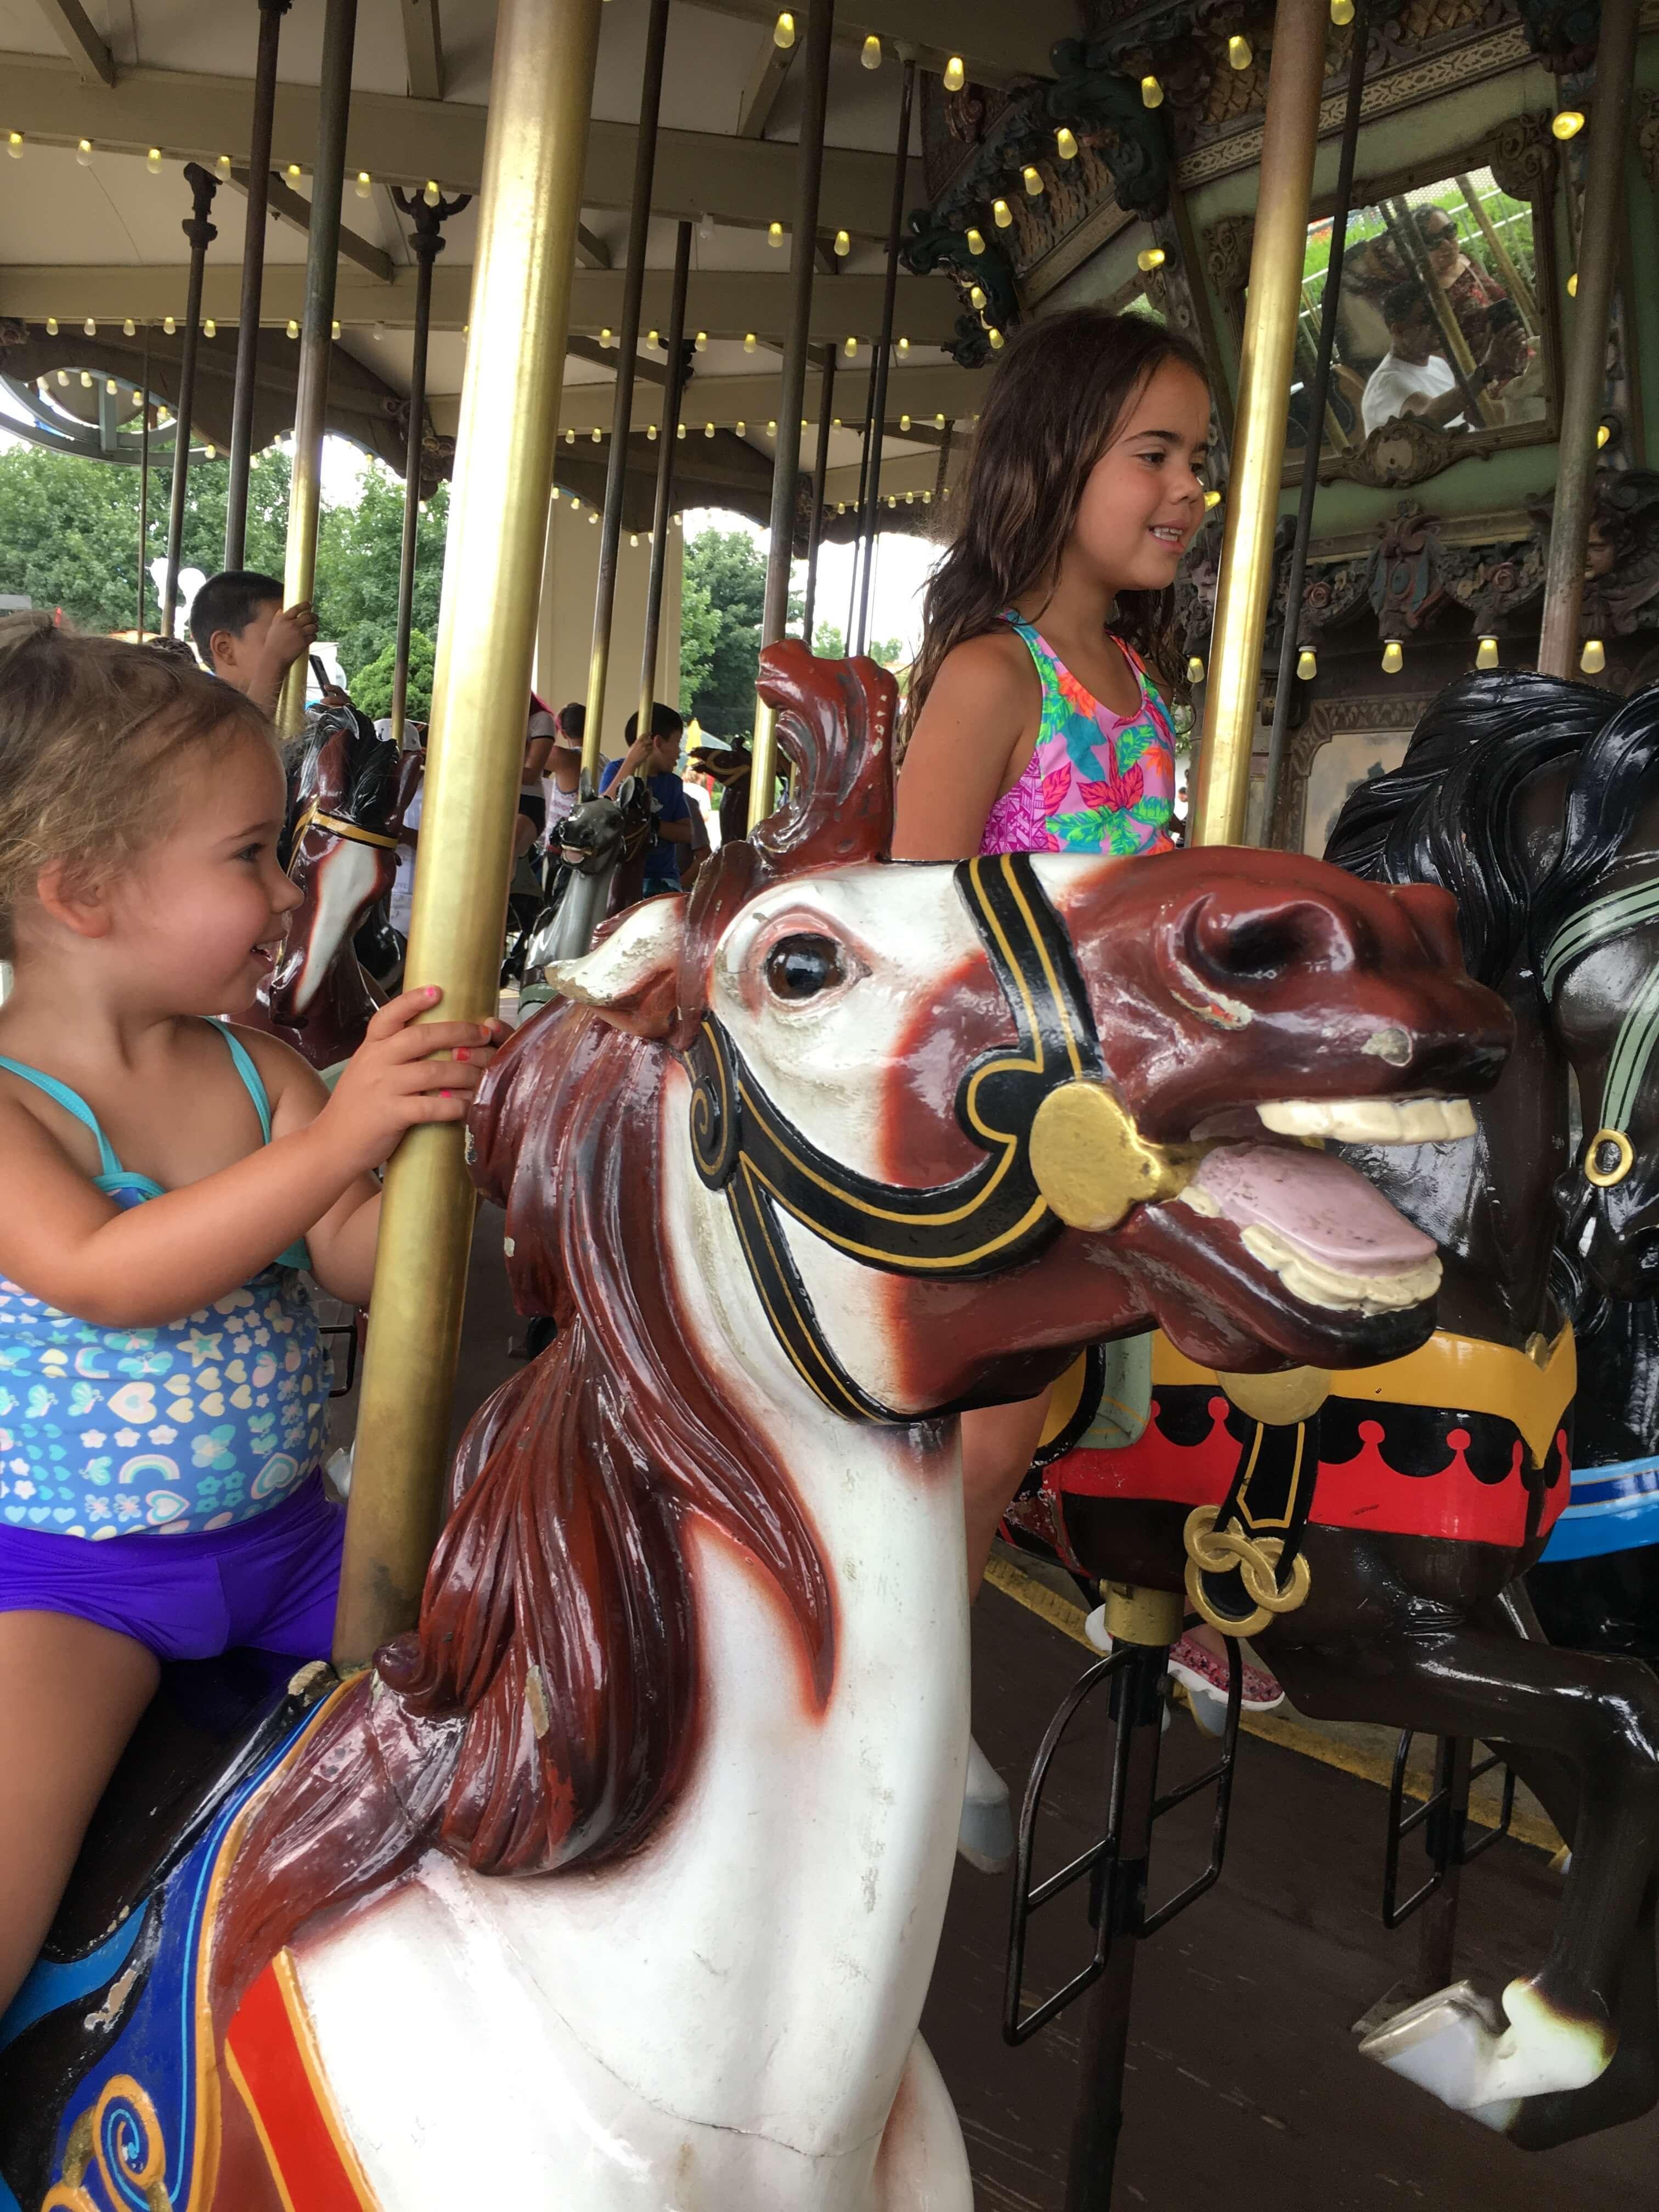 carousel dorney park